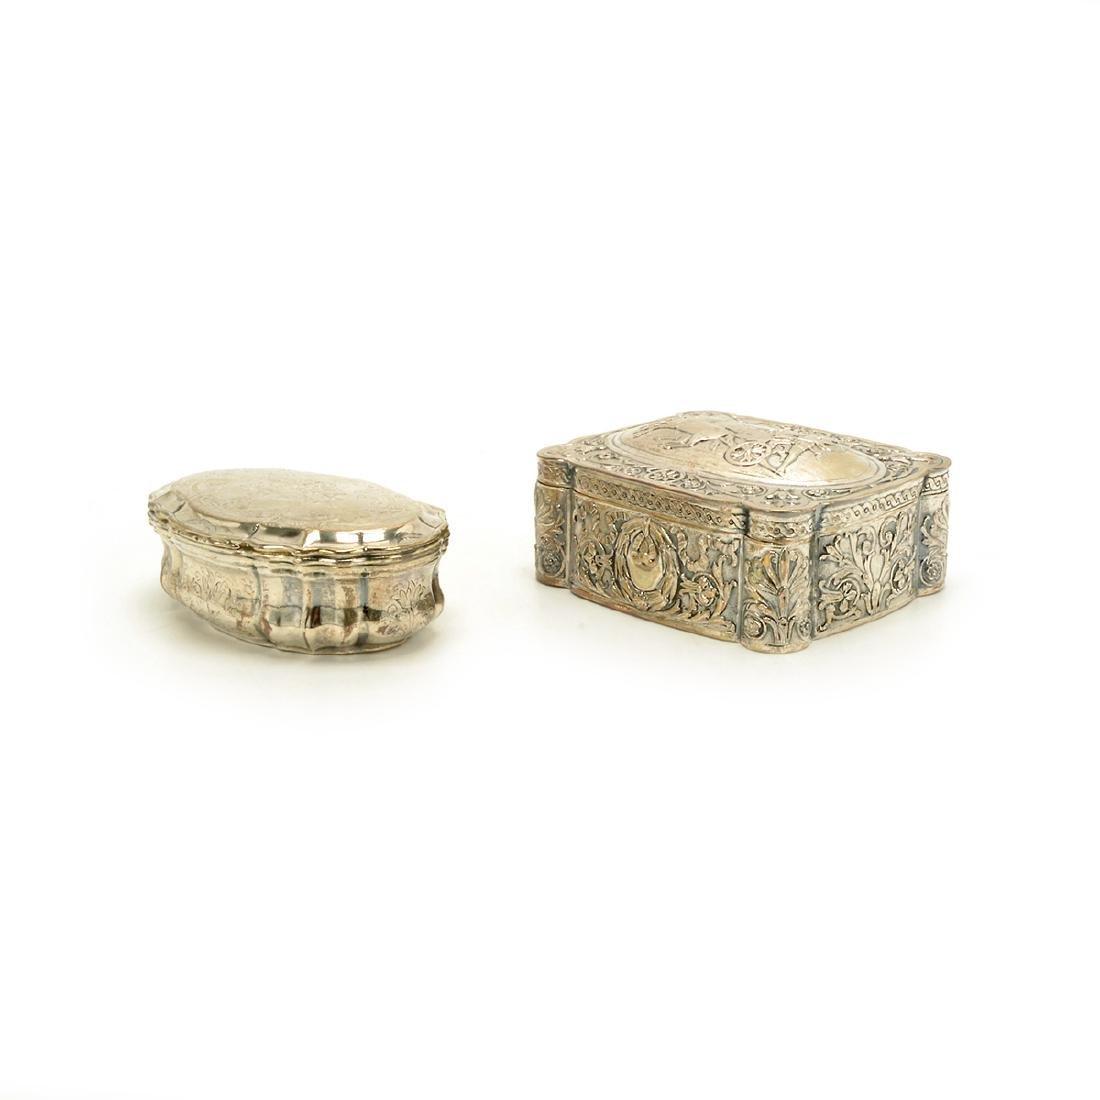 Seven Silver Snuff Boxes and Cigarette Cases - 10